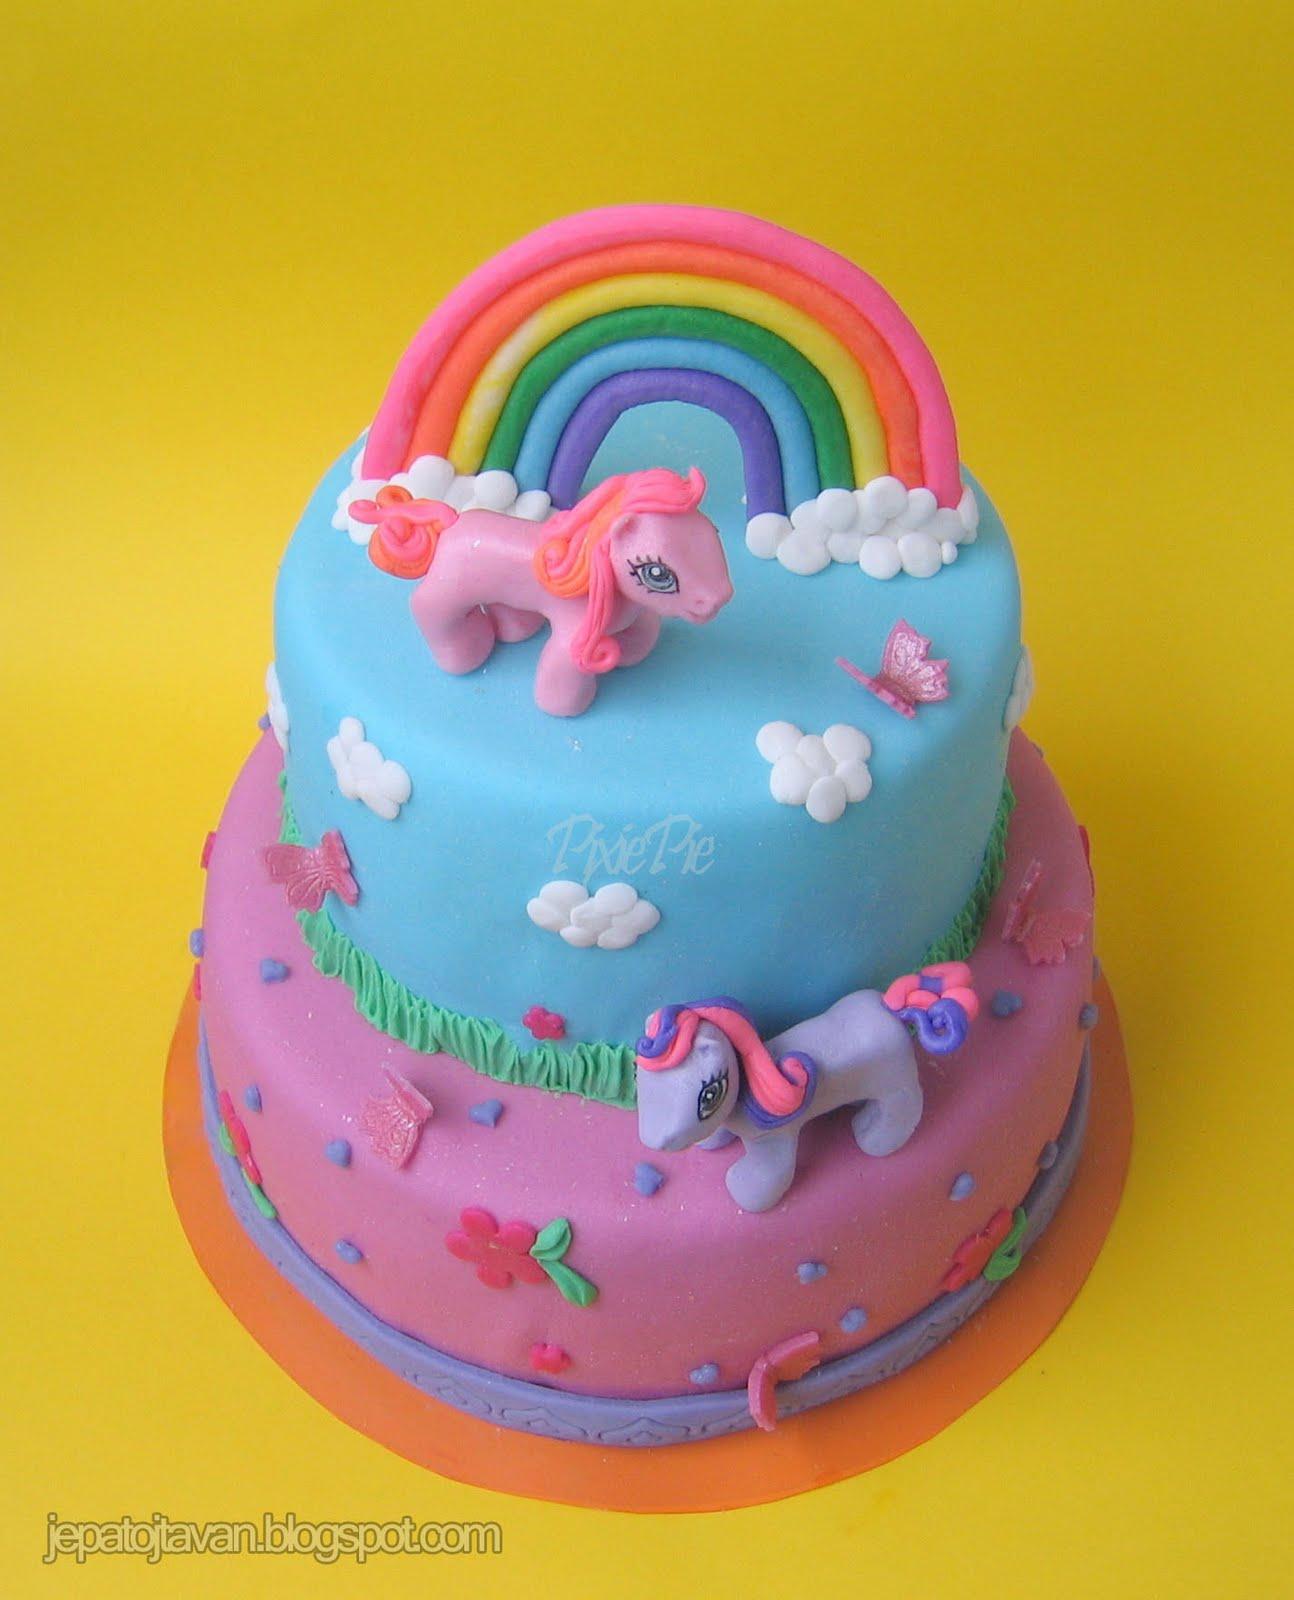 pónis torta képek Jépatojta van!: Póni torta pónis torta képek